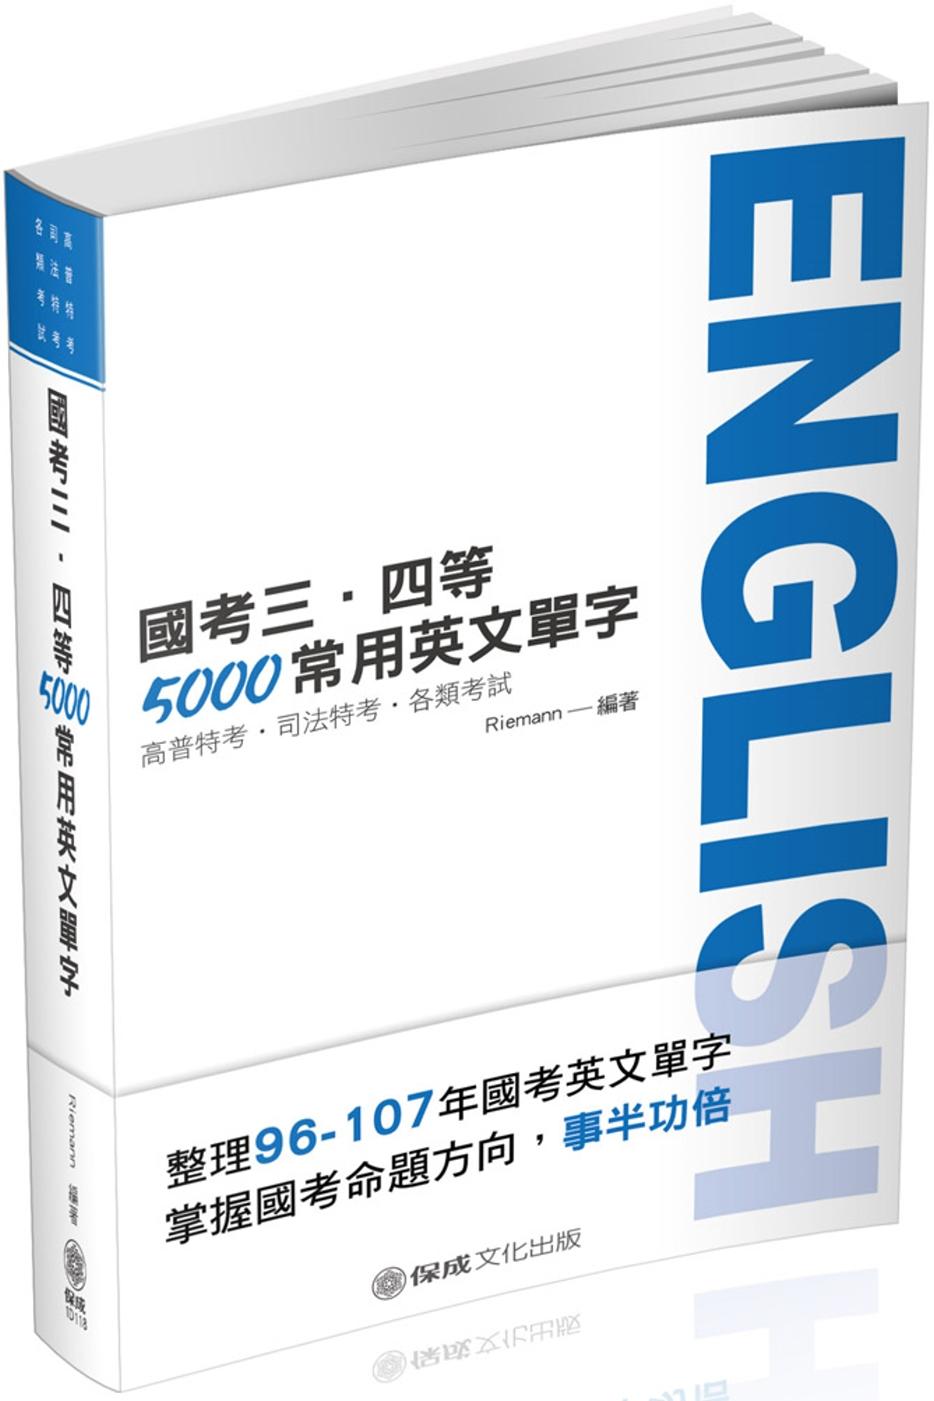 明白 國考三、四等-5000個常用英文單字:2019高普考(保成)